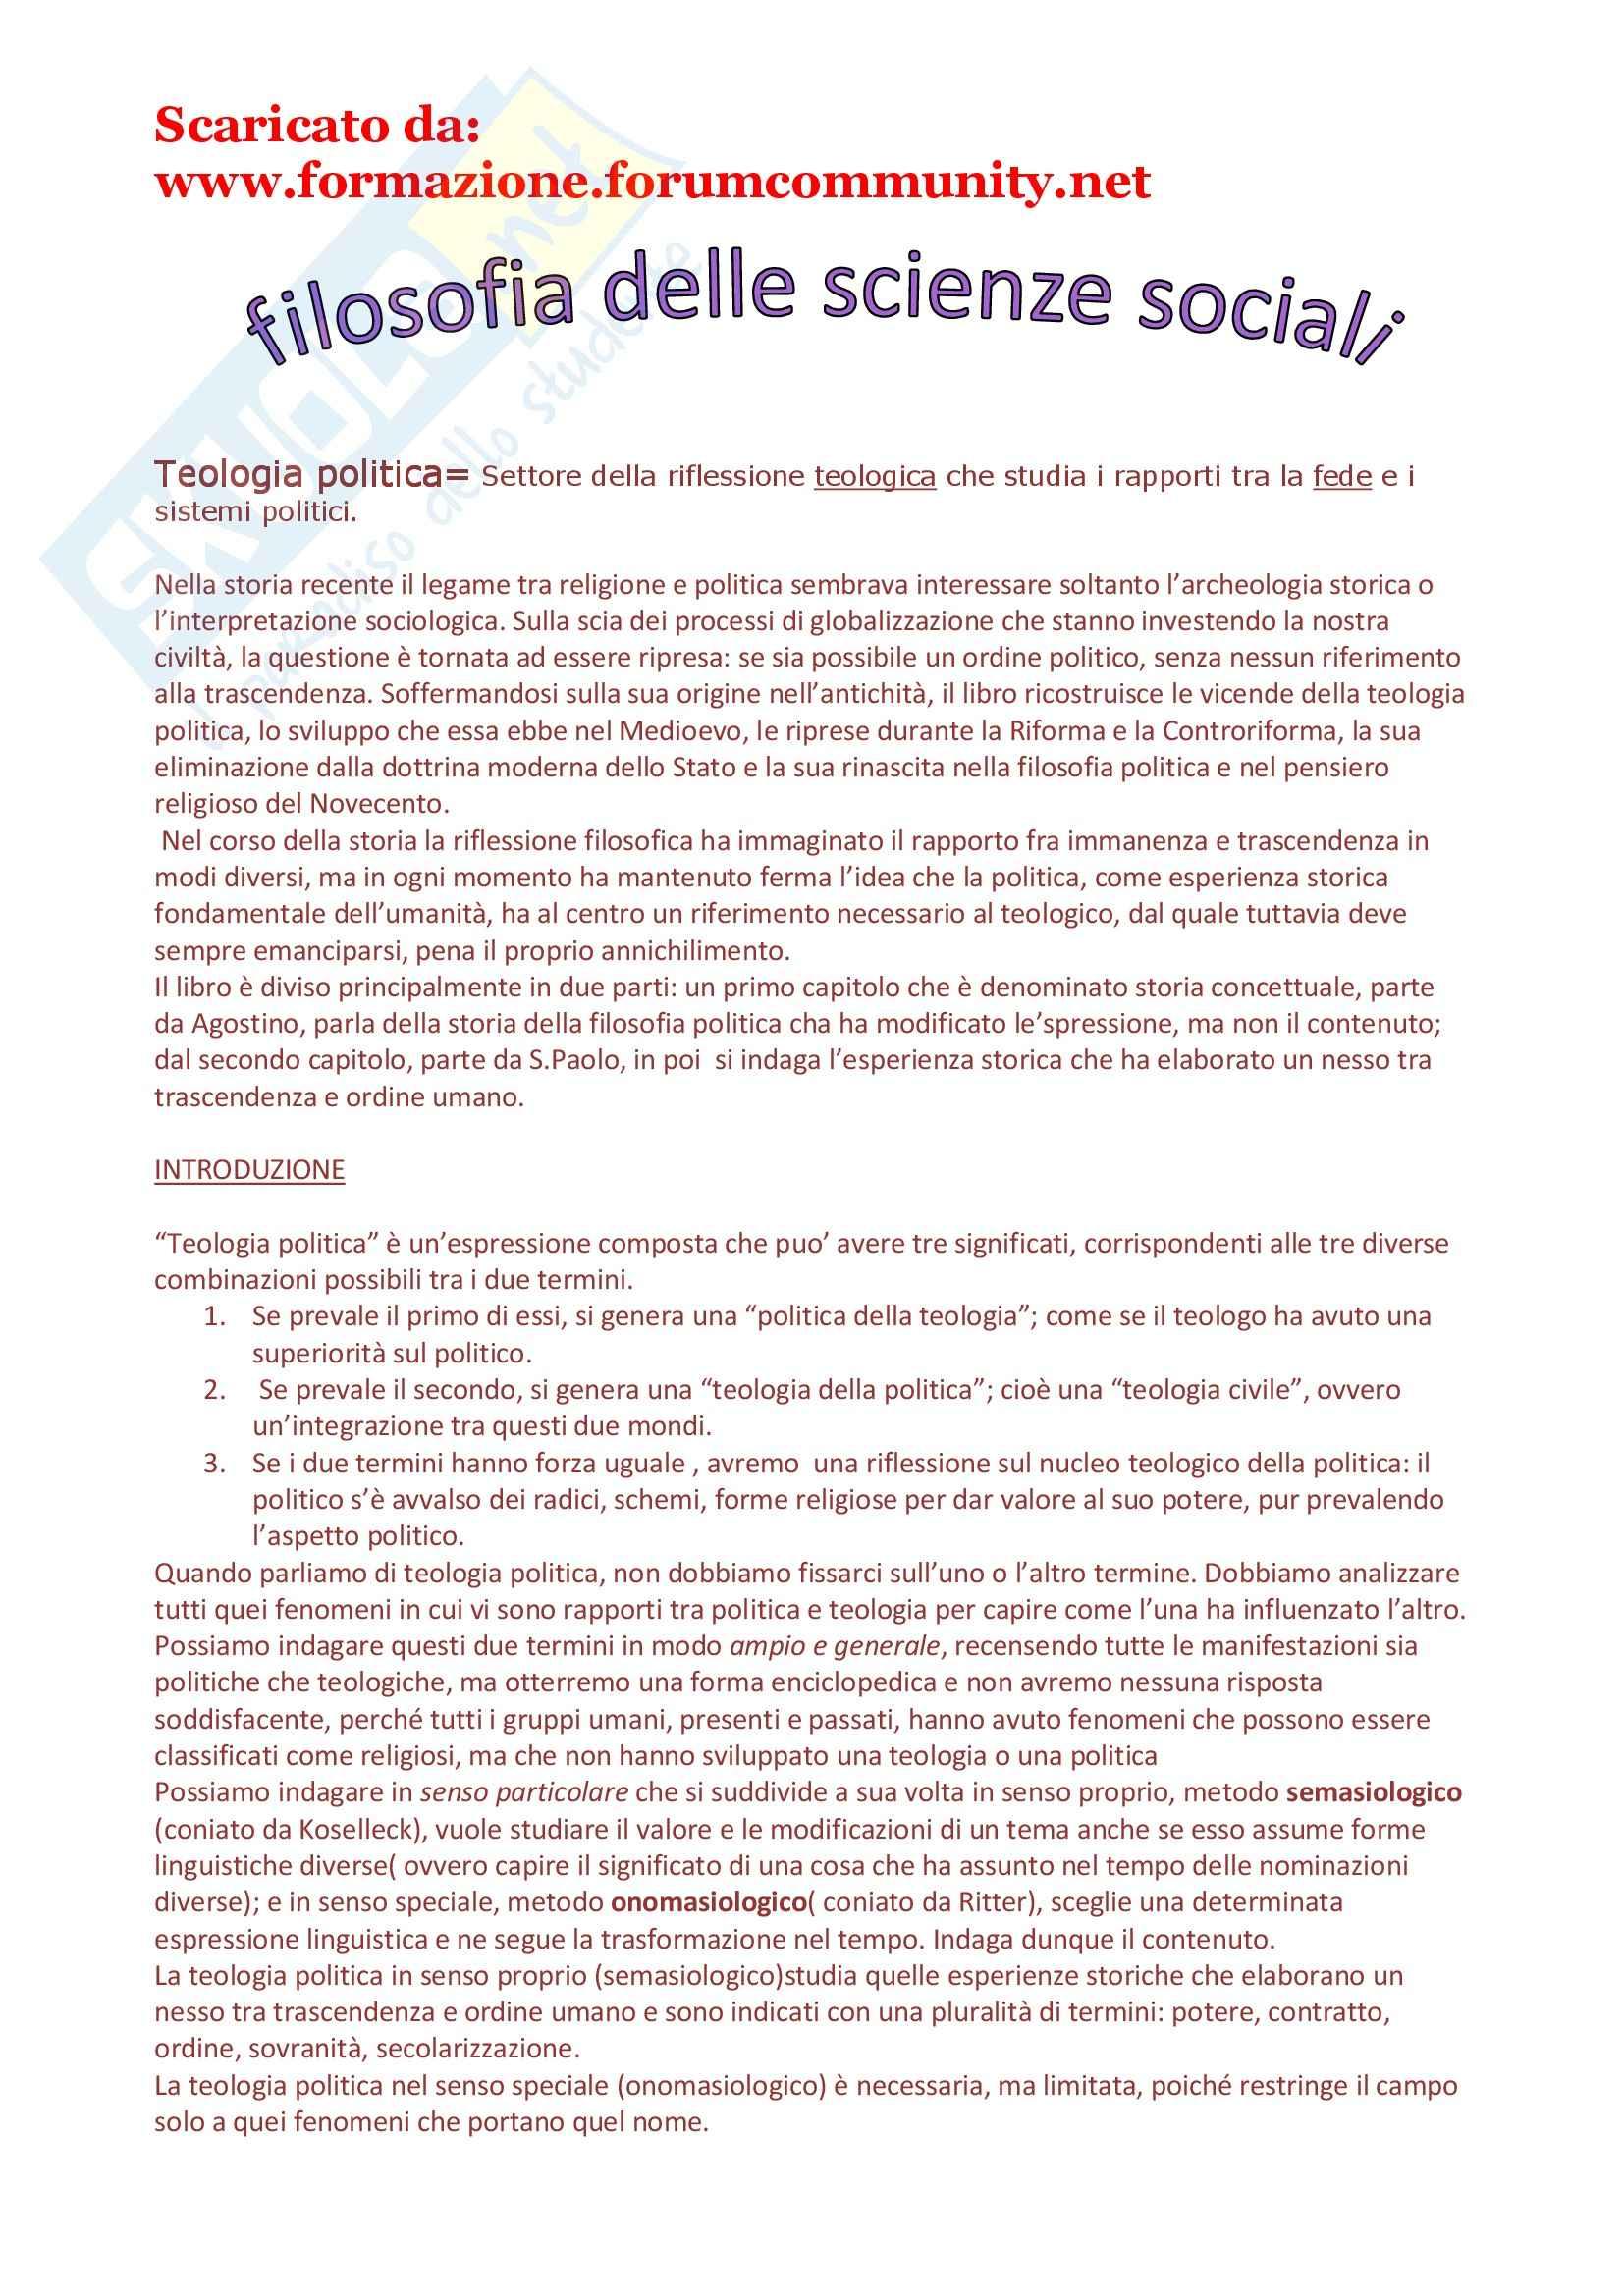 Filosofia delle scienze sociali - la teologia politica